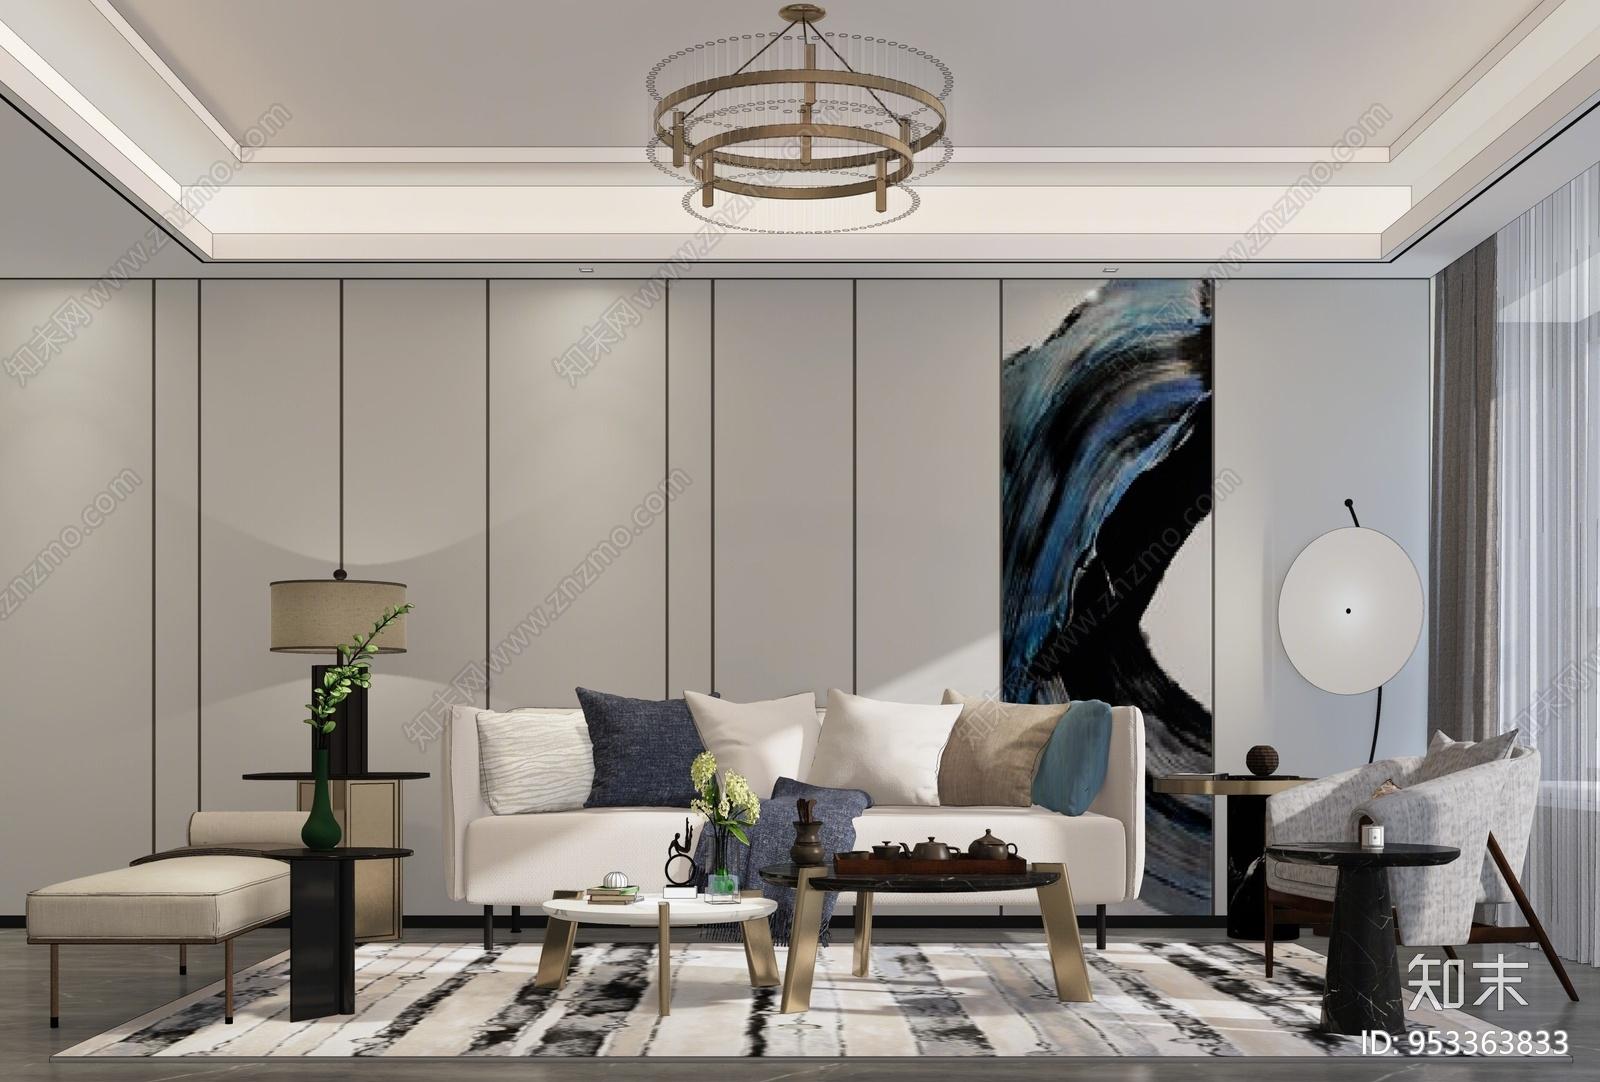 现代风格家居客厅SU模型下载【ID:953363833】